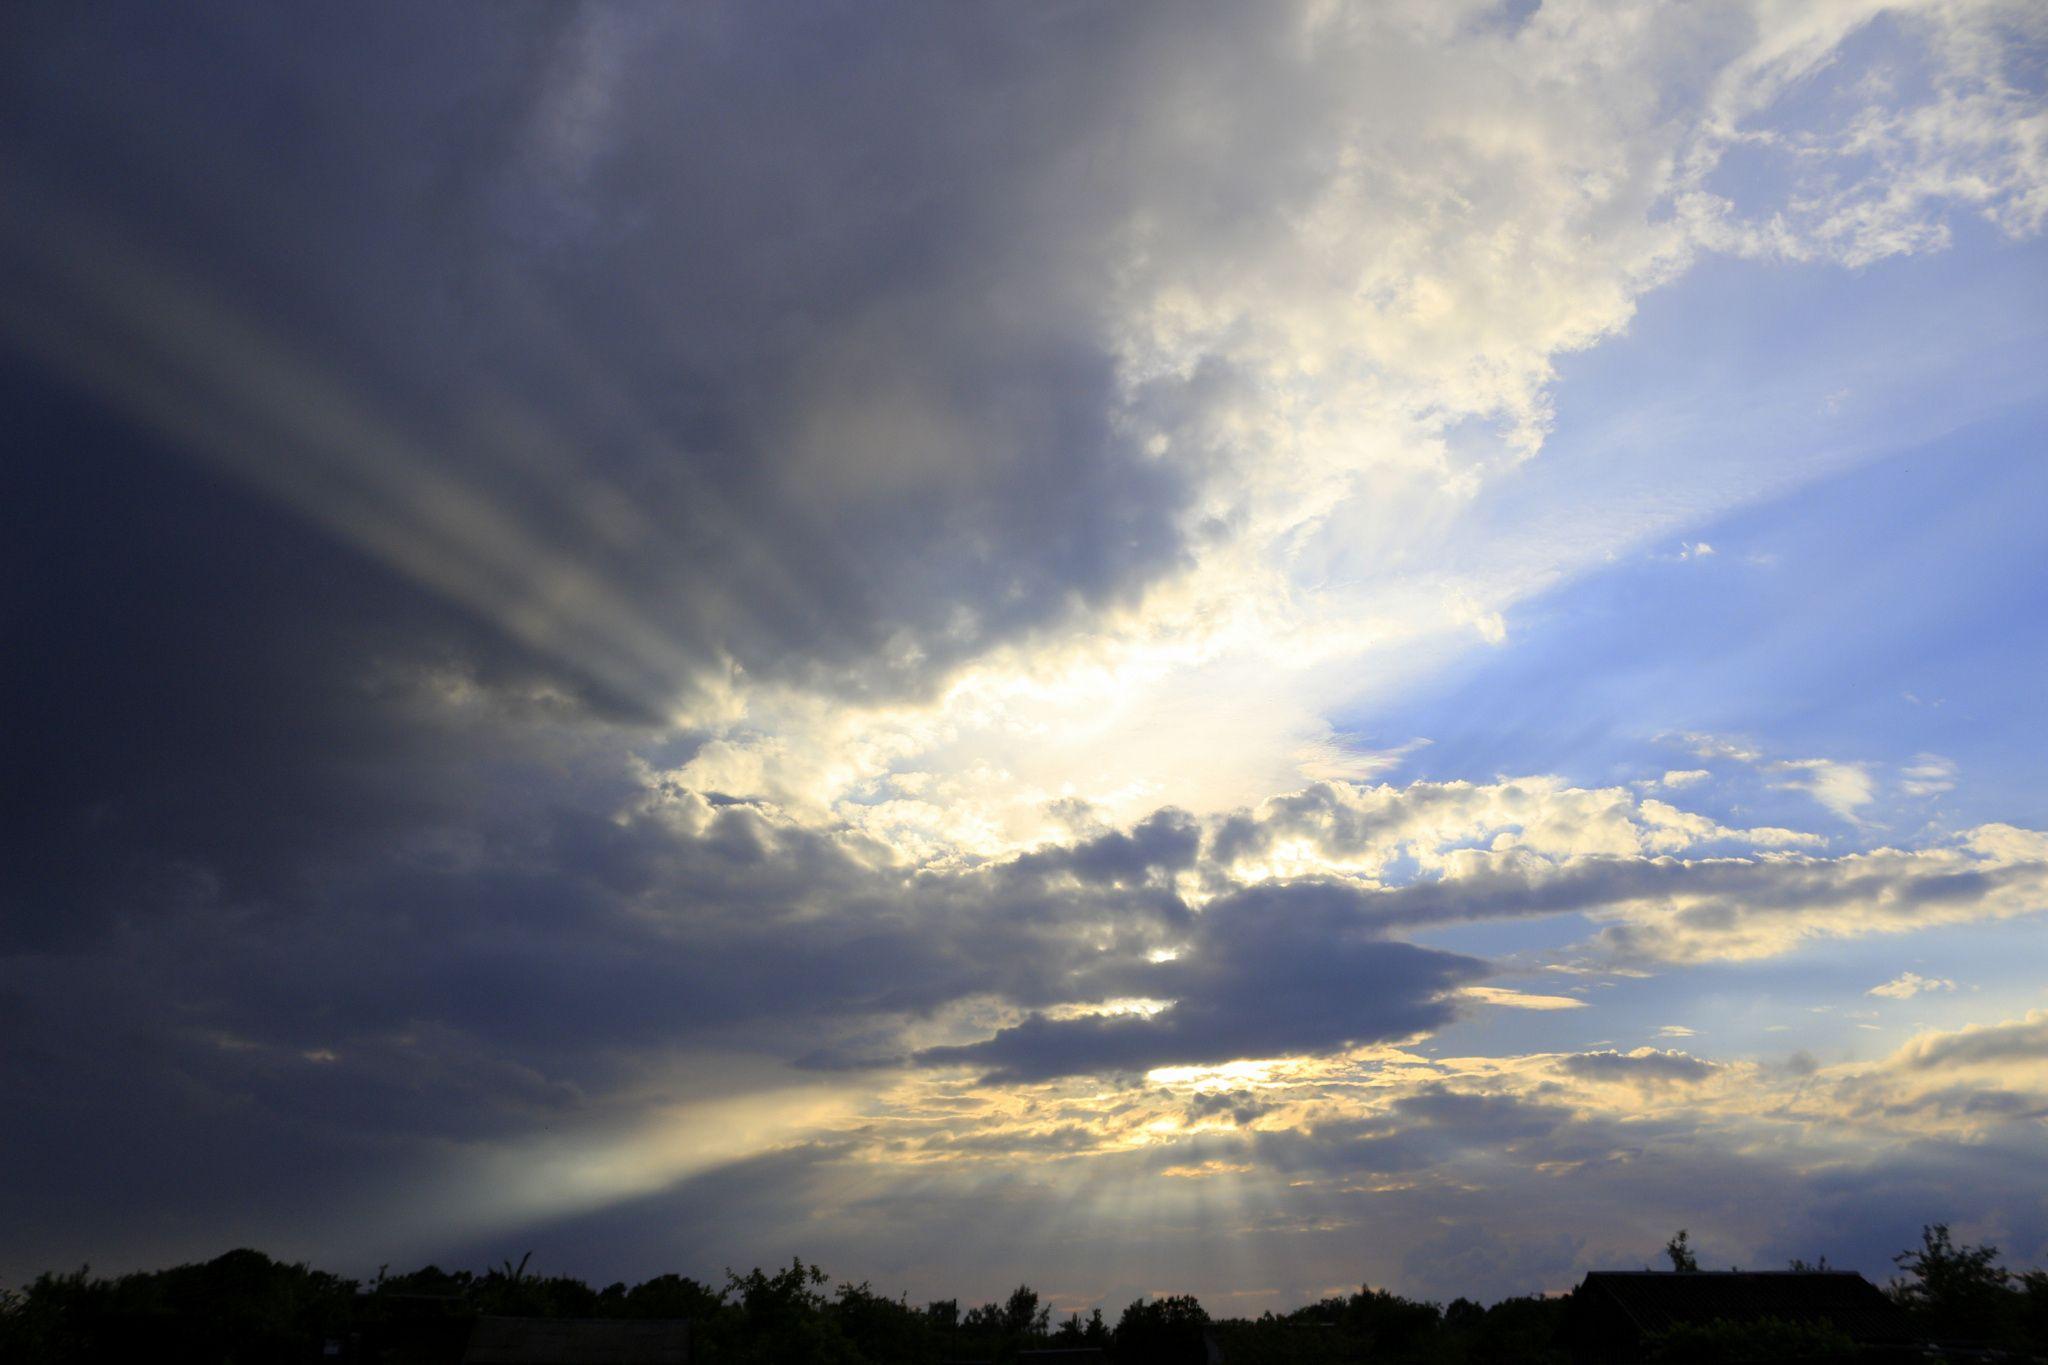 Rain is coming - Tuvu saulrietam lietus mākoņu vāli veļas.